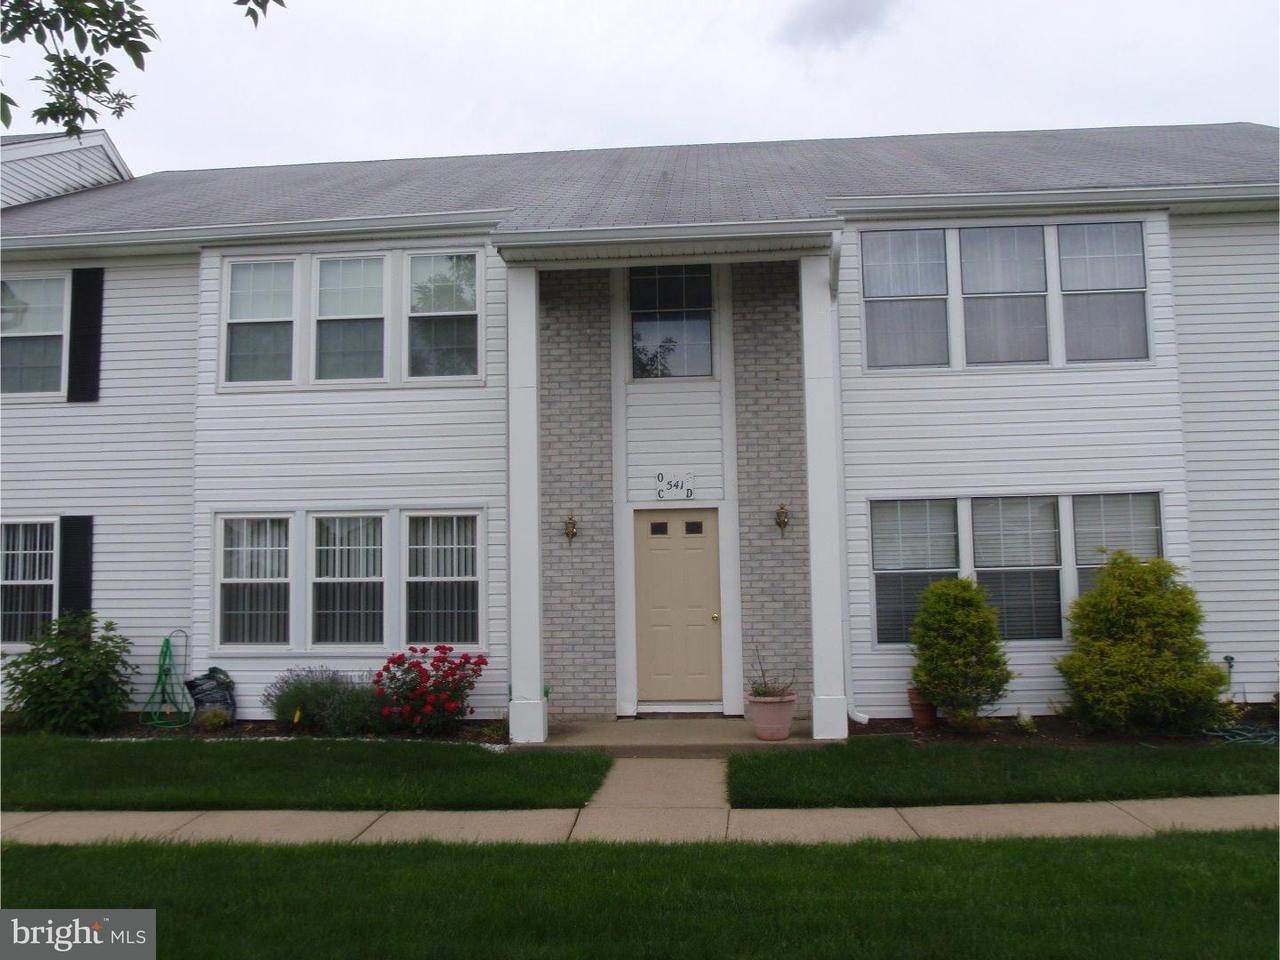 Appartement en copropriété pour l à louer à 541 BERBERIS PLZ #D Monroe Township, New Jersey 08831 États-UnisDans/Autour: Monroe Township